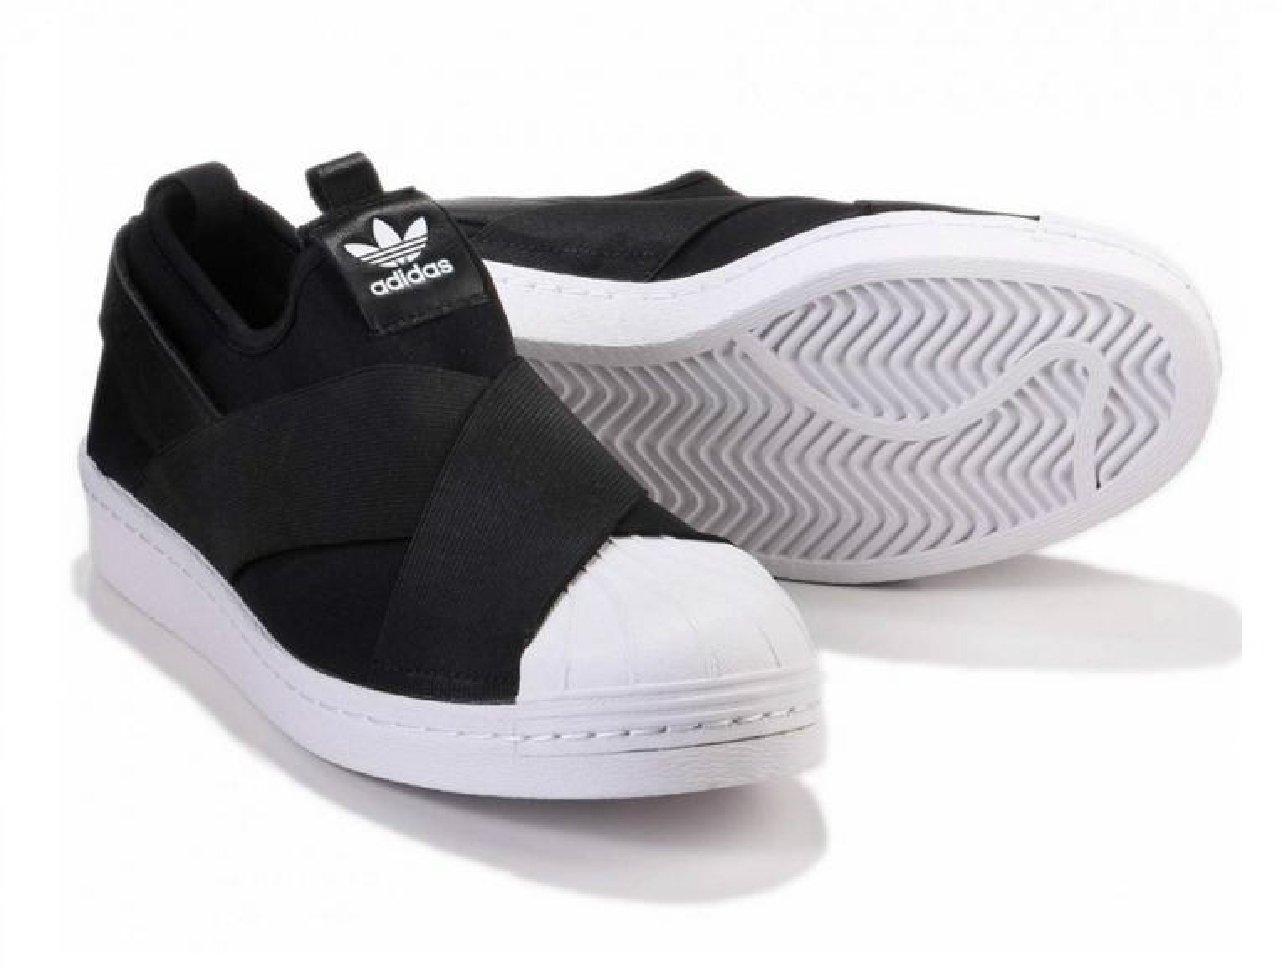 adidas スニーカー スリッポン